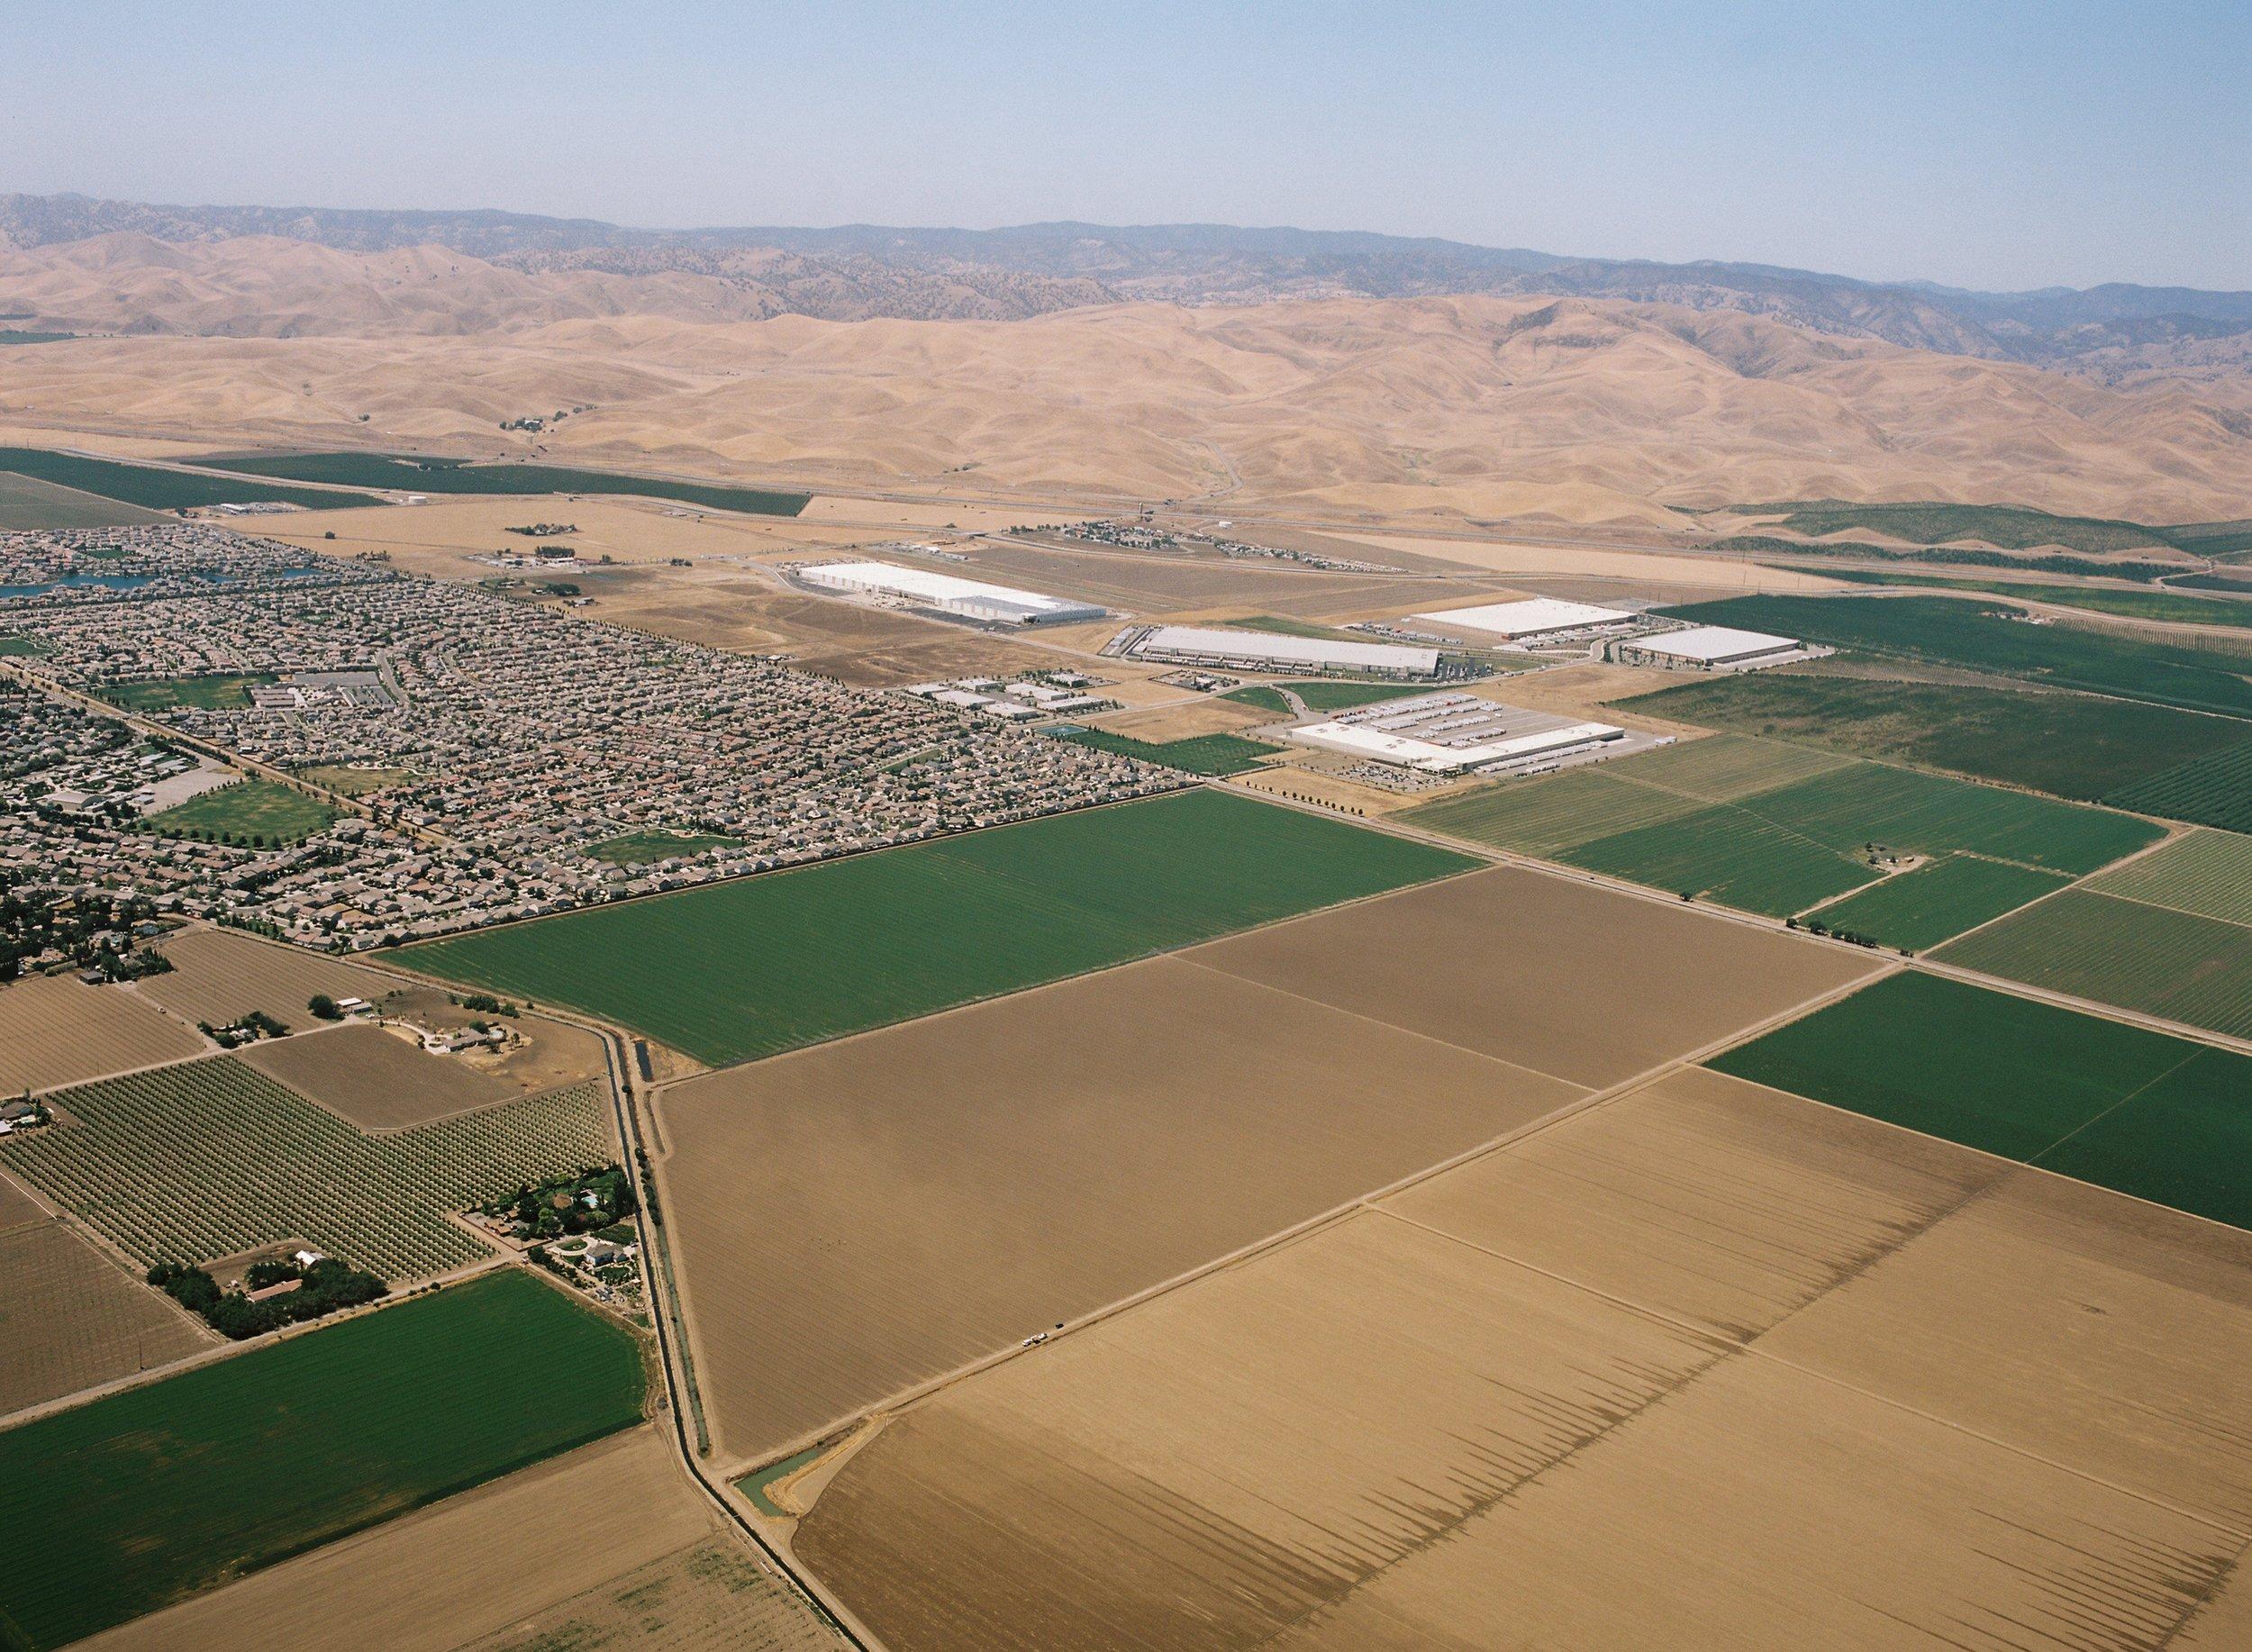 Keystone Ranch - Coming soon